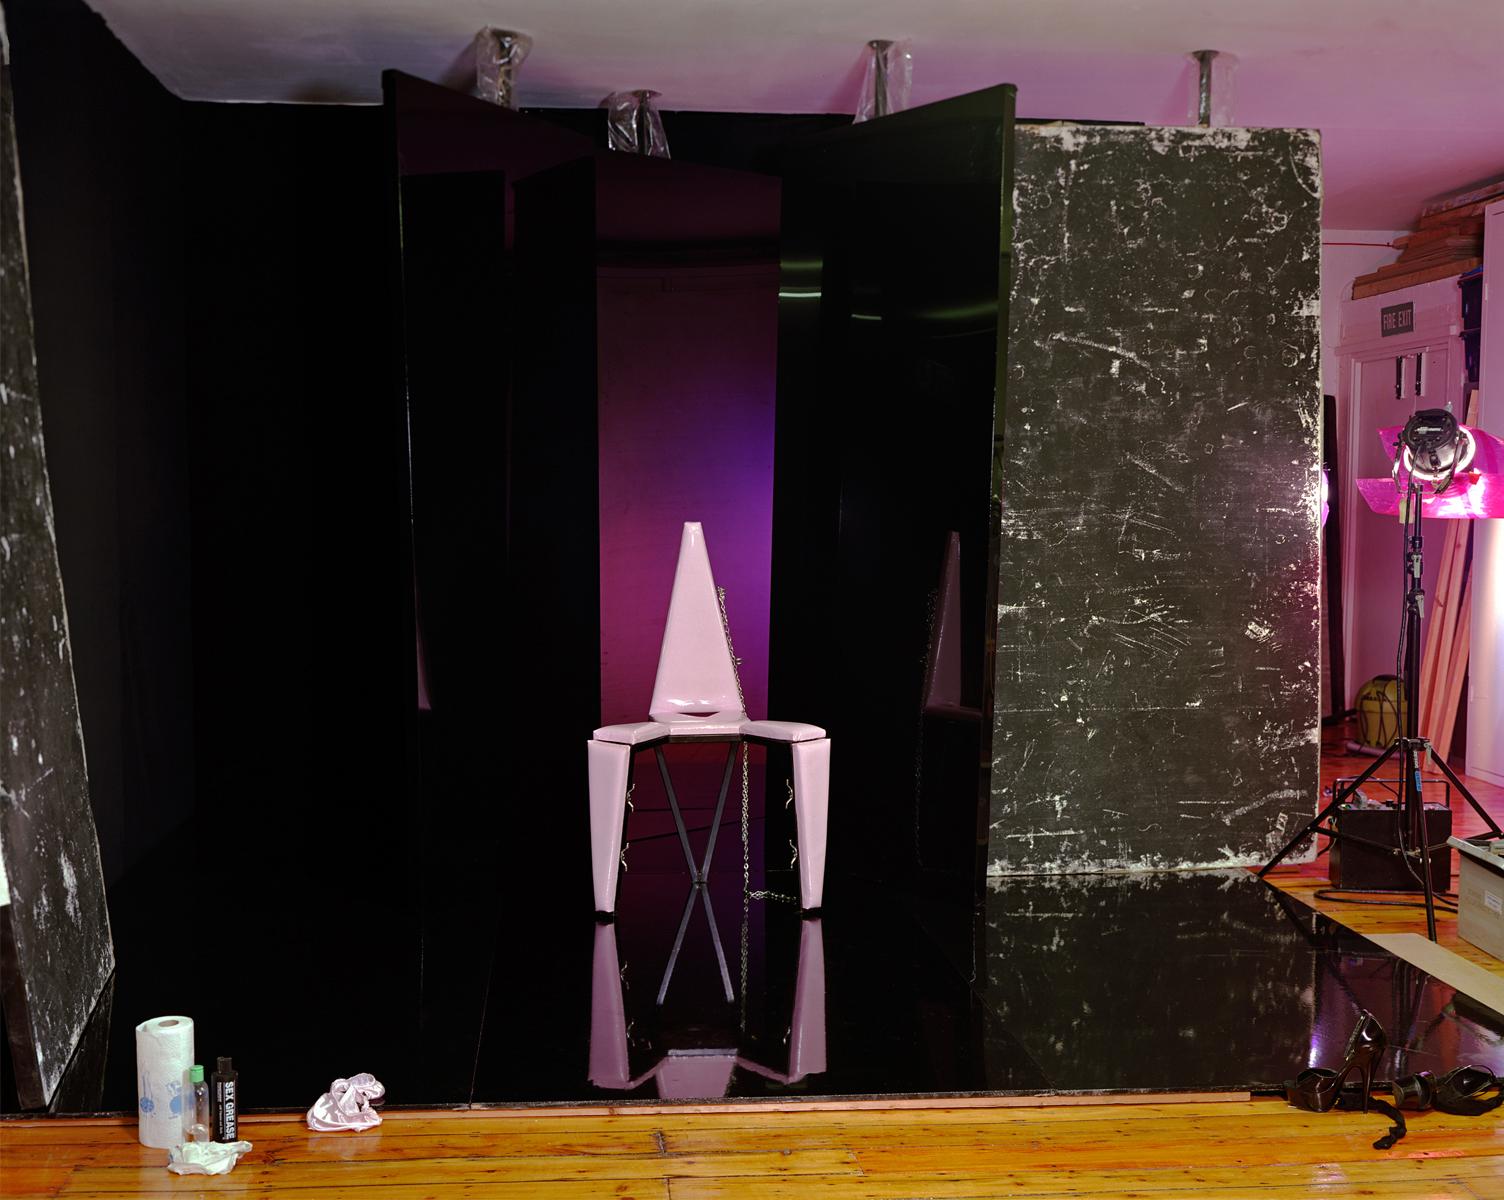 Сцена с розовым стулом. «Эта студия — единственный дом, который я знала, место безопасности, убежища